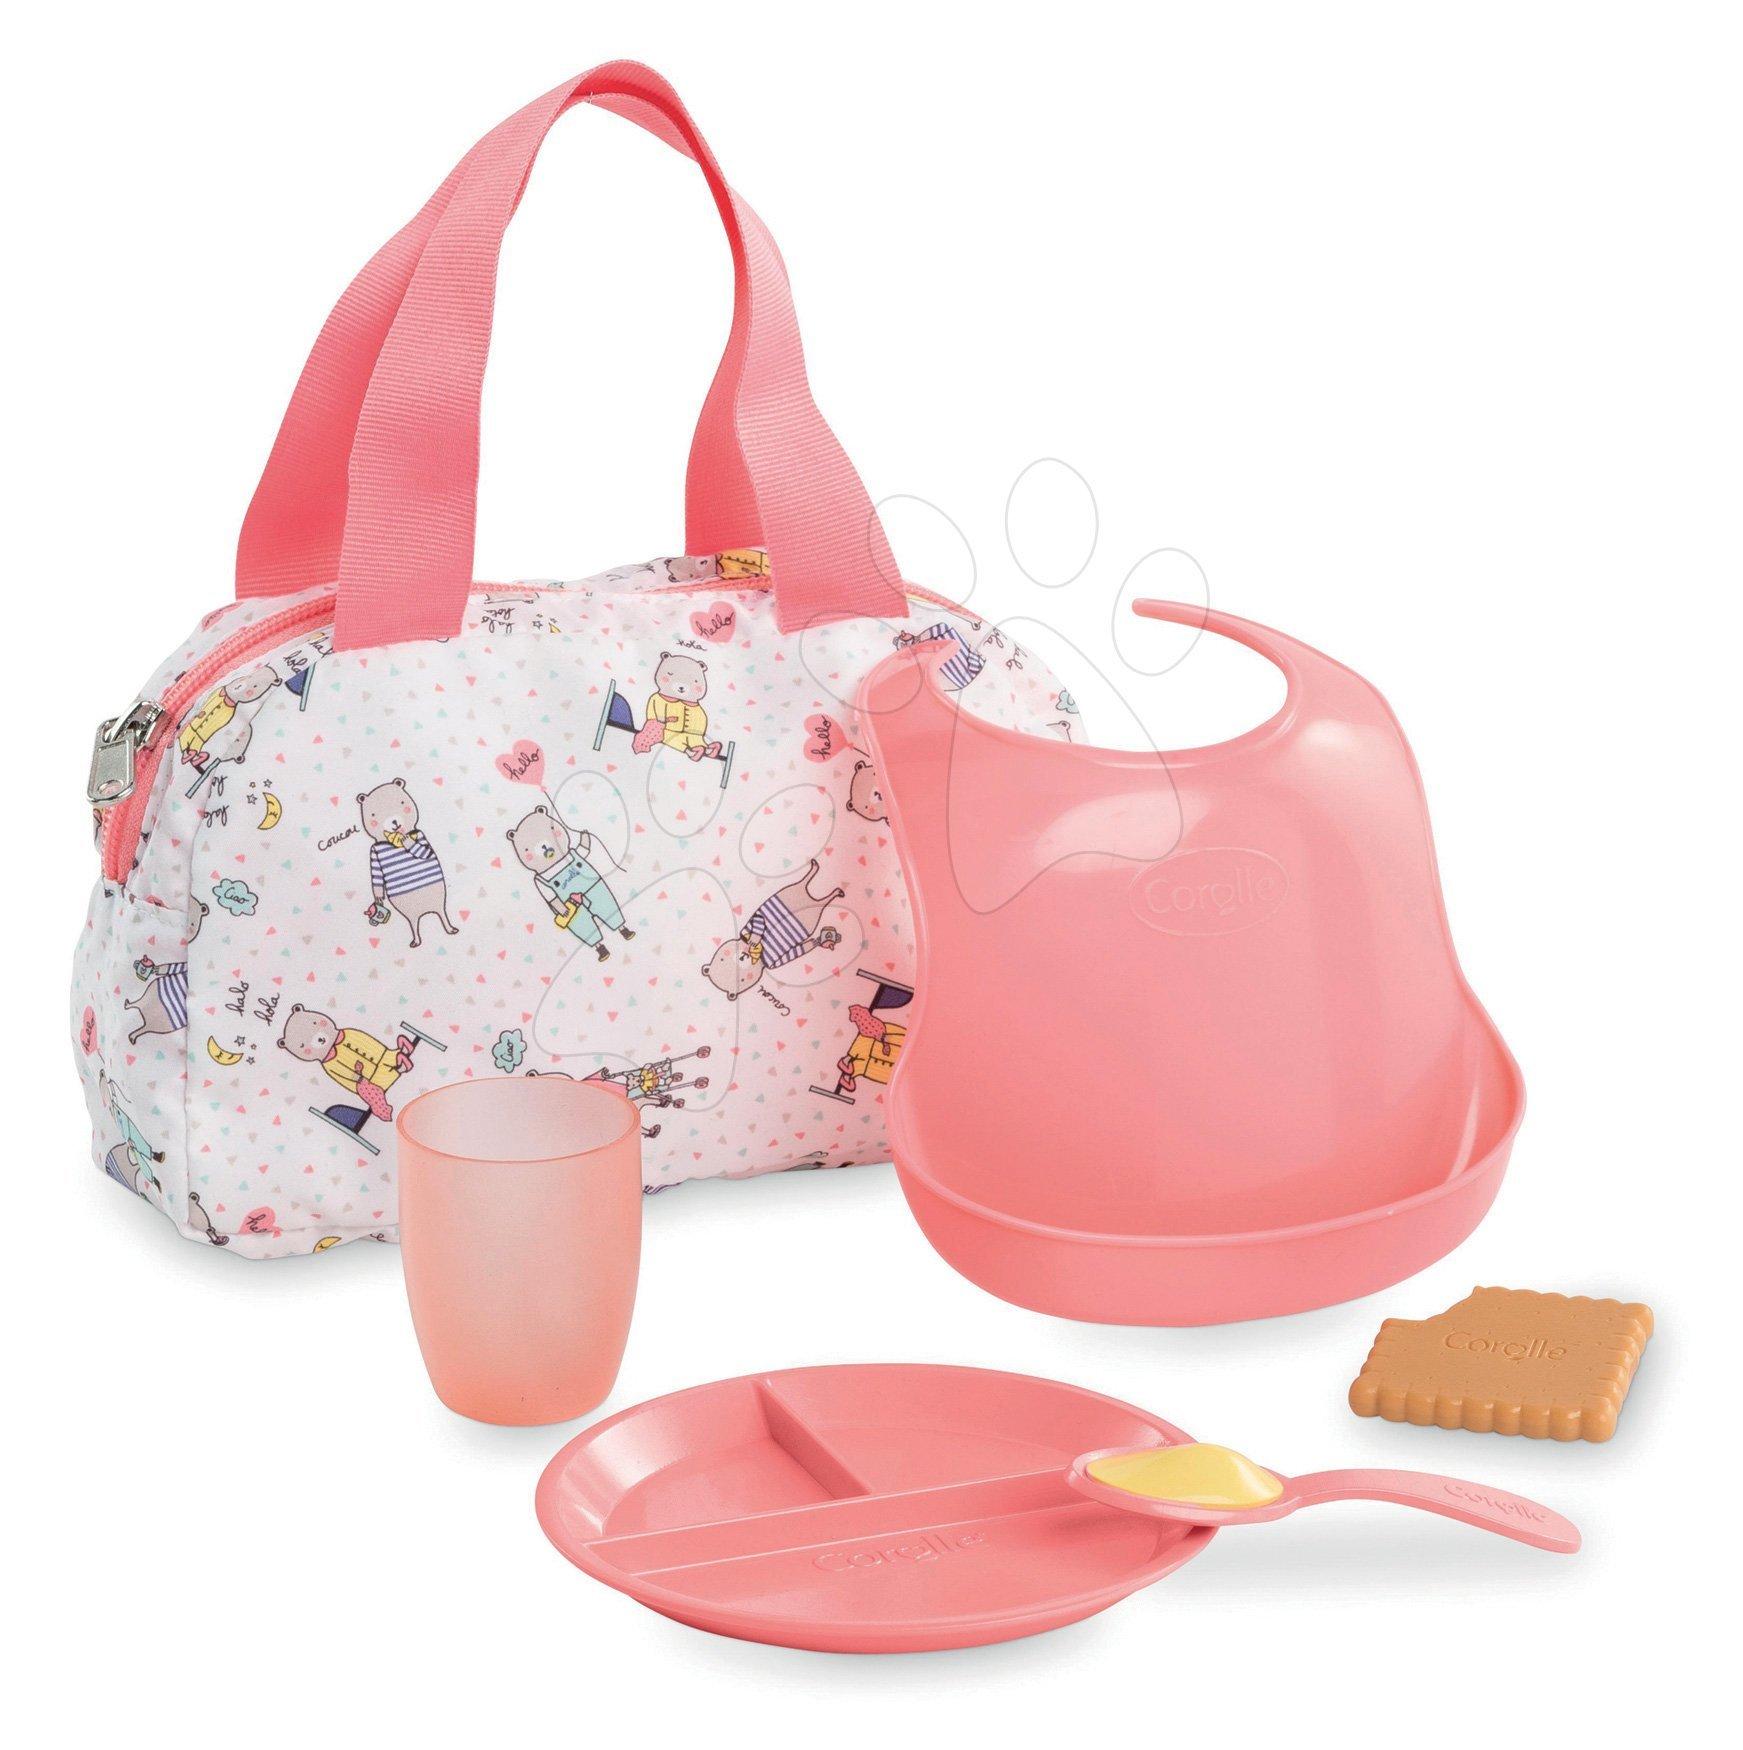 Taška s podbradníkom a obedom Mealtime set Mon Grand Poupon Corolle pre 36-42 cm bábiku od 24 mes